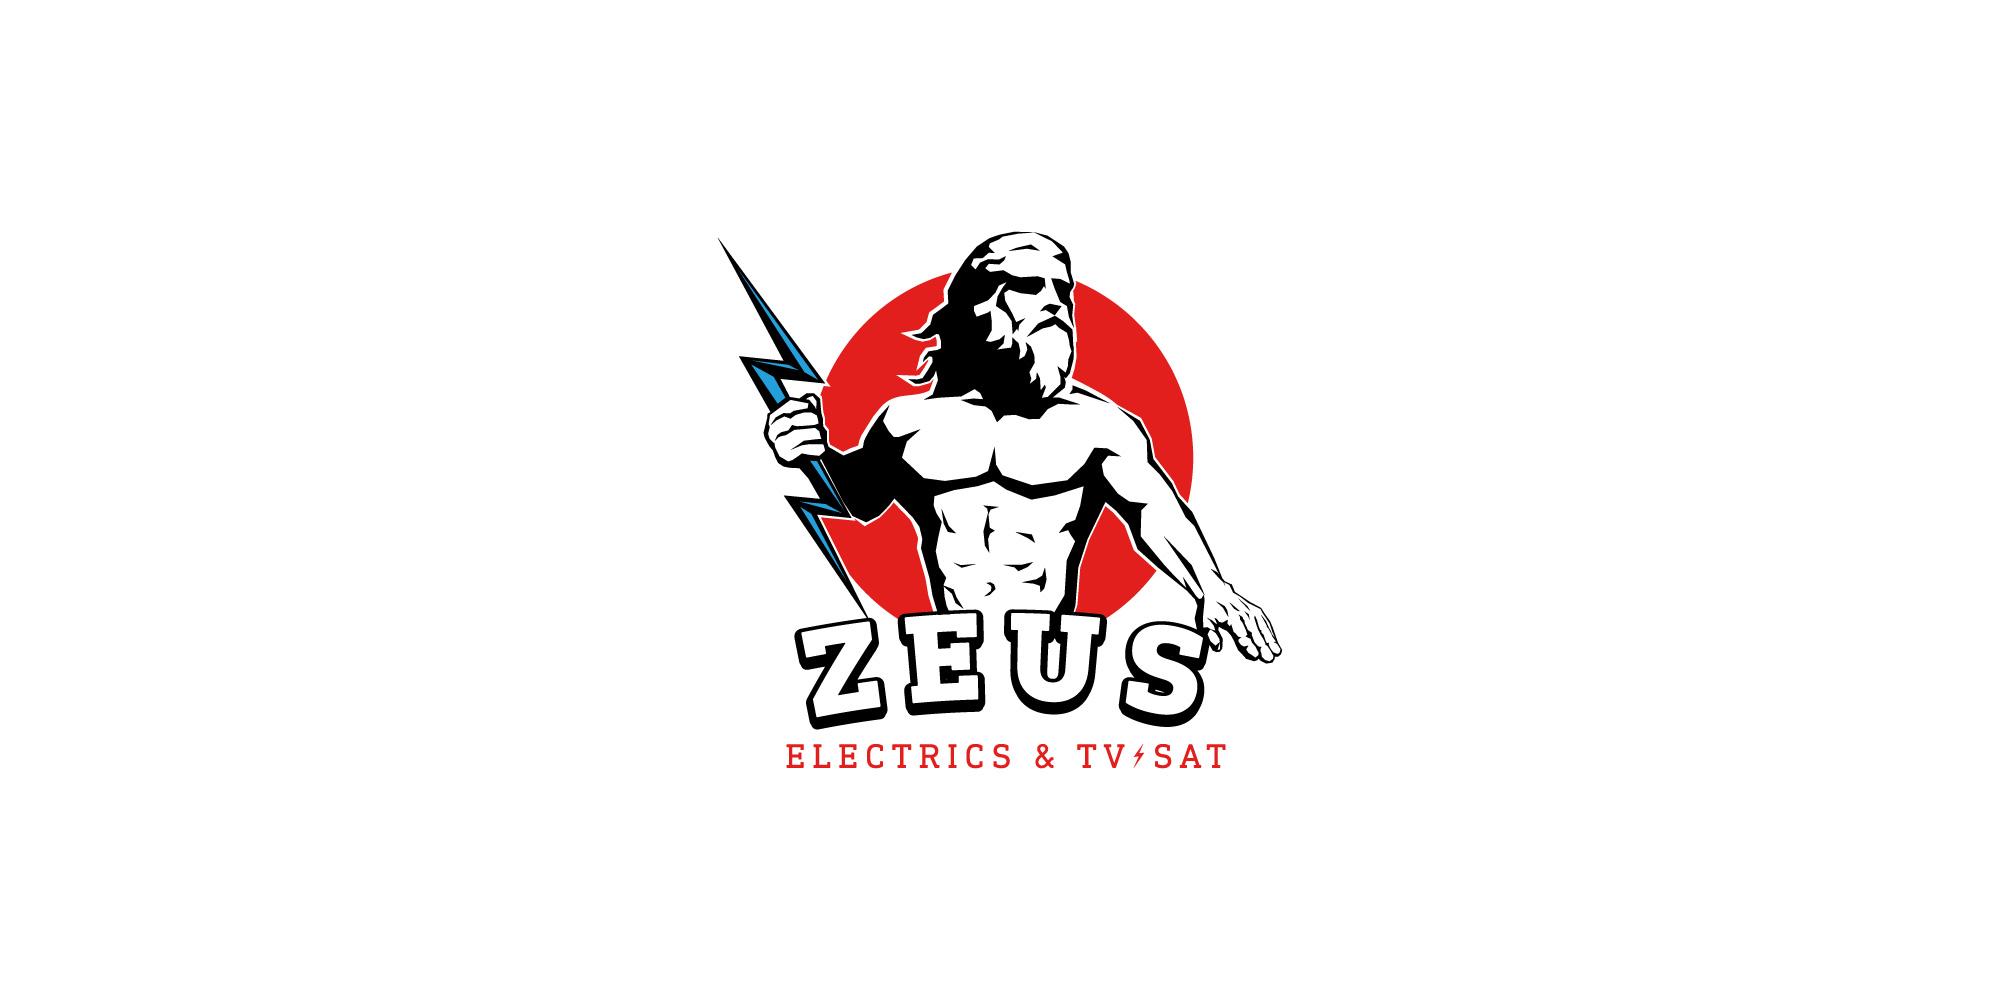 ZEUS ELECTRICS